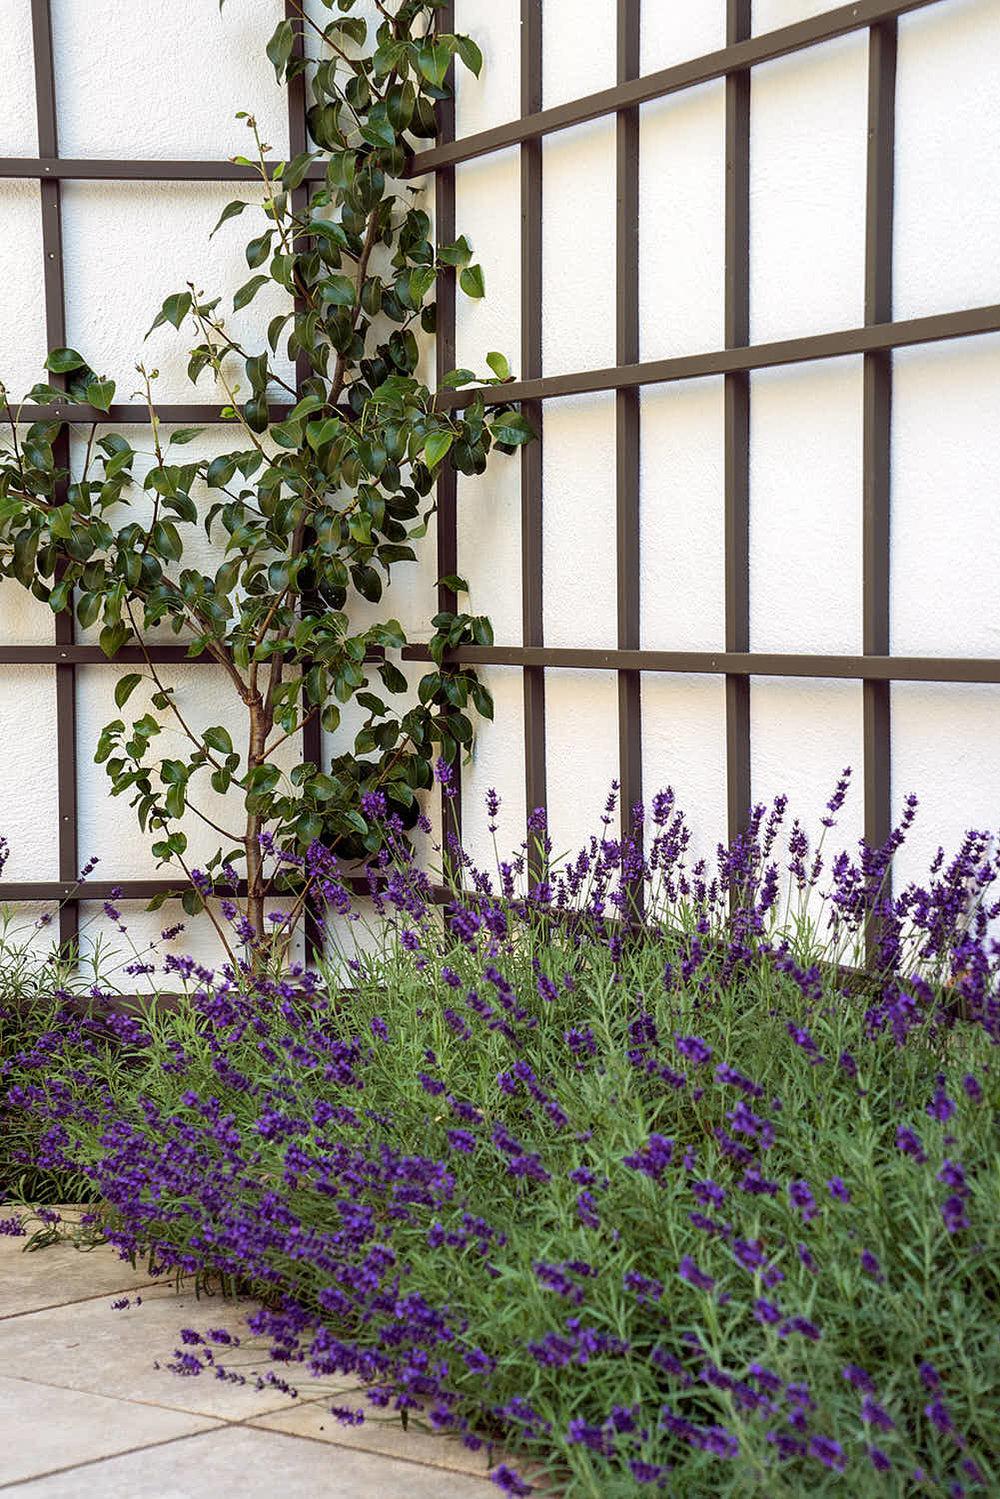 Epp-Gartenbau-Pflanzen-Pflege-79.jpg